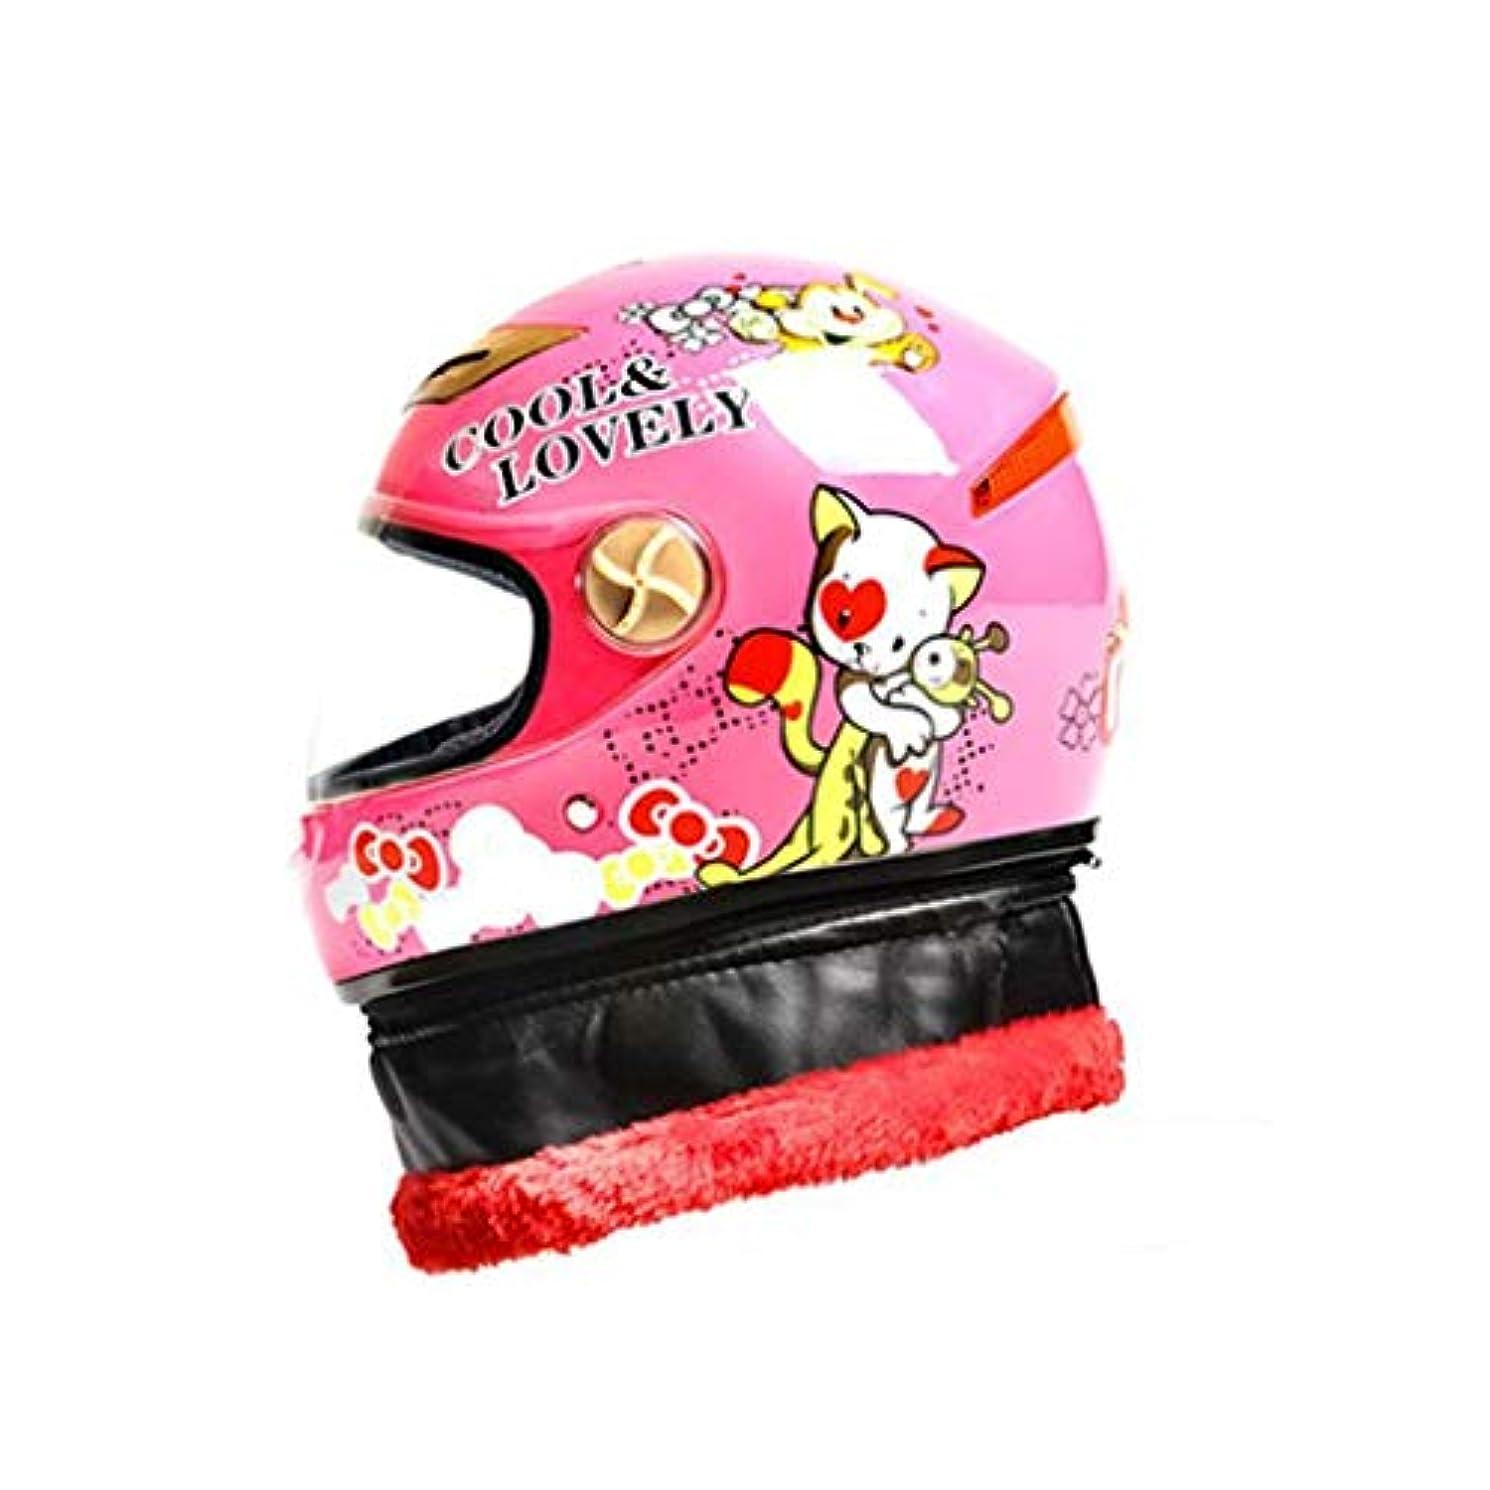 不良品ヒット子供用ヘルメット電動自転車自転車ドロップ漫画四季少年少女フルヘルメット調節可能なサイズ取り外し可能な襟 (Color : Pink)